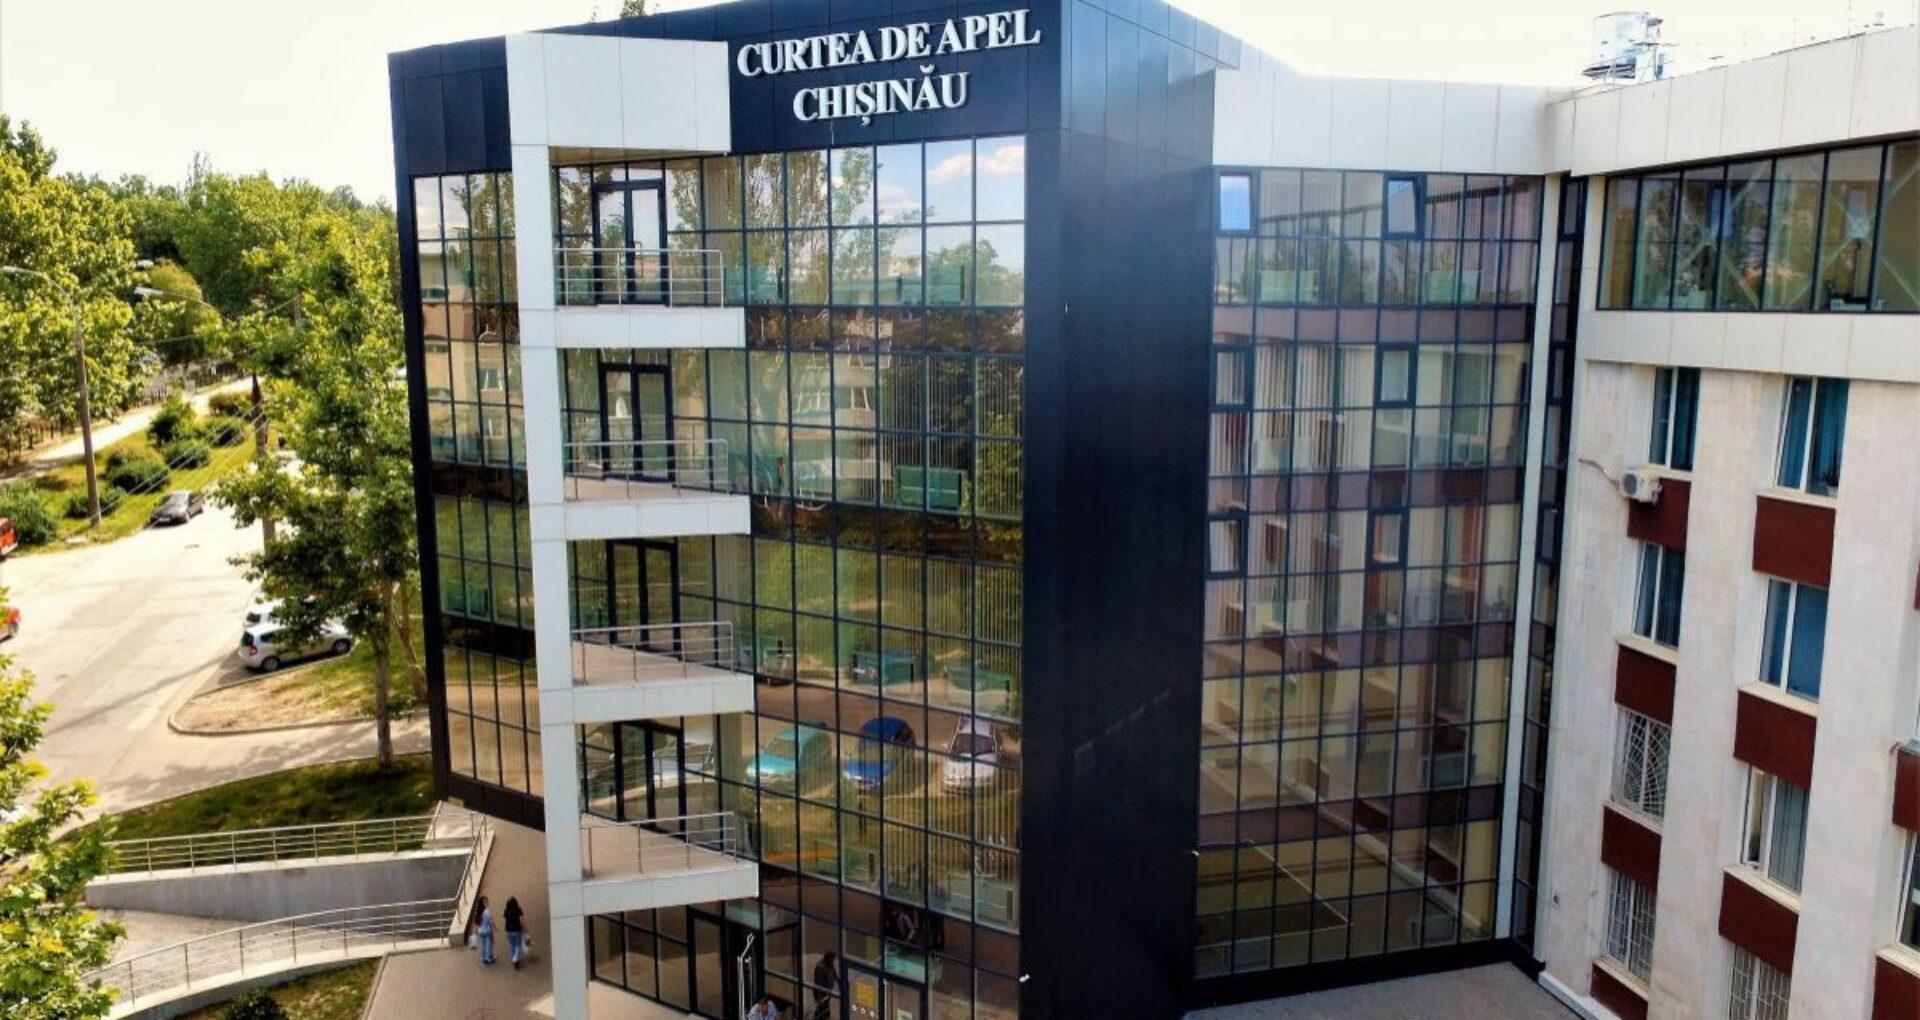 Dosarul crimei de la Atrium: Prima ședință de judecată de la Curtea de Apel Chișinău, amânată